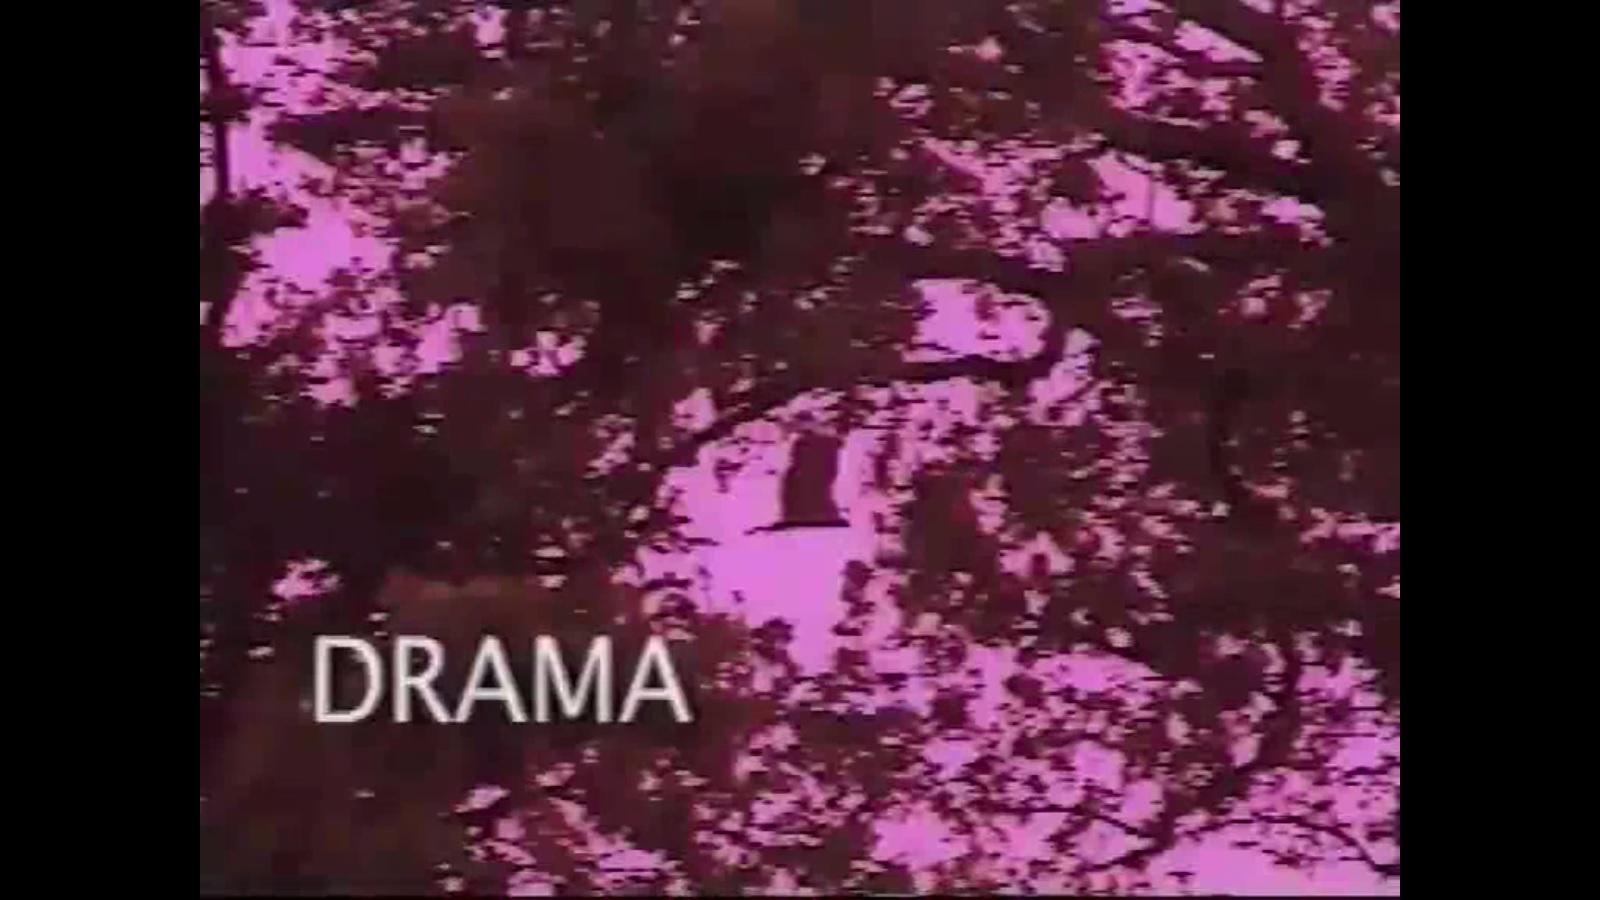 el nombre de alguien es fucken drama.jpg